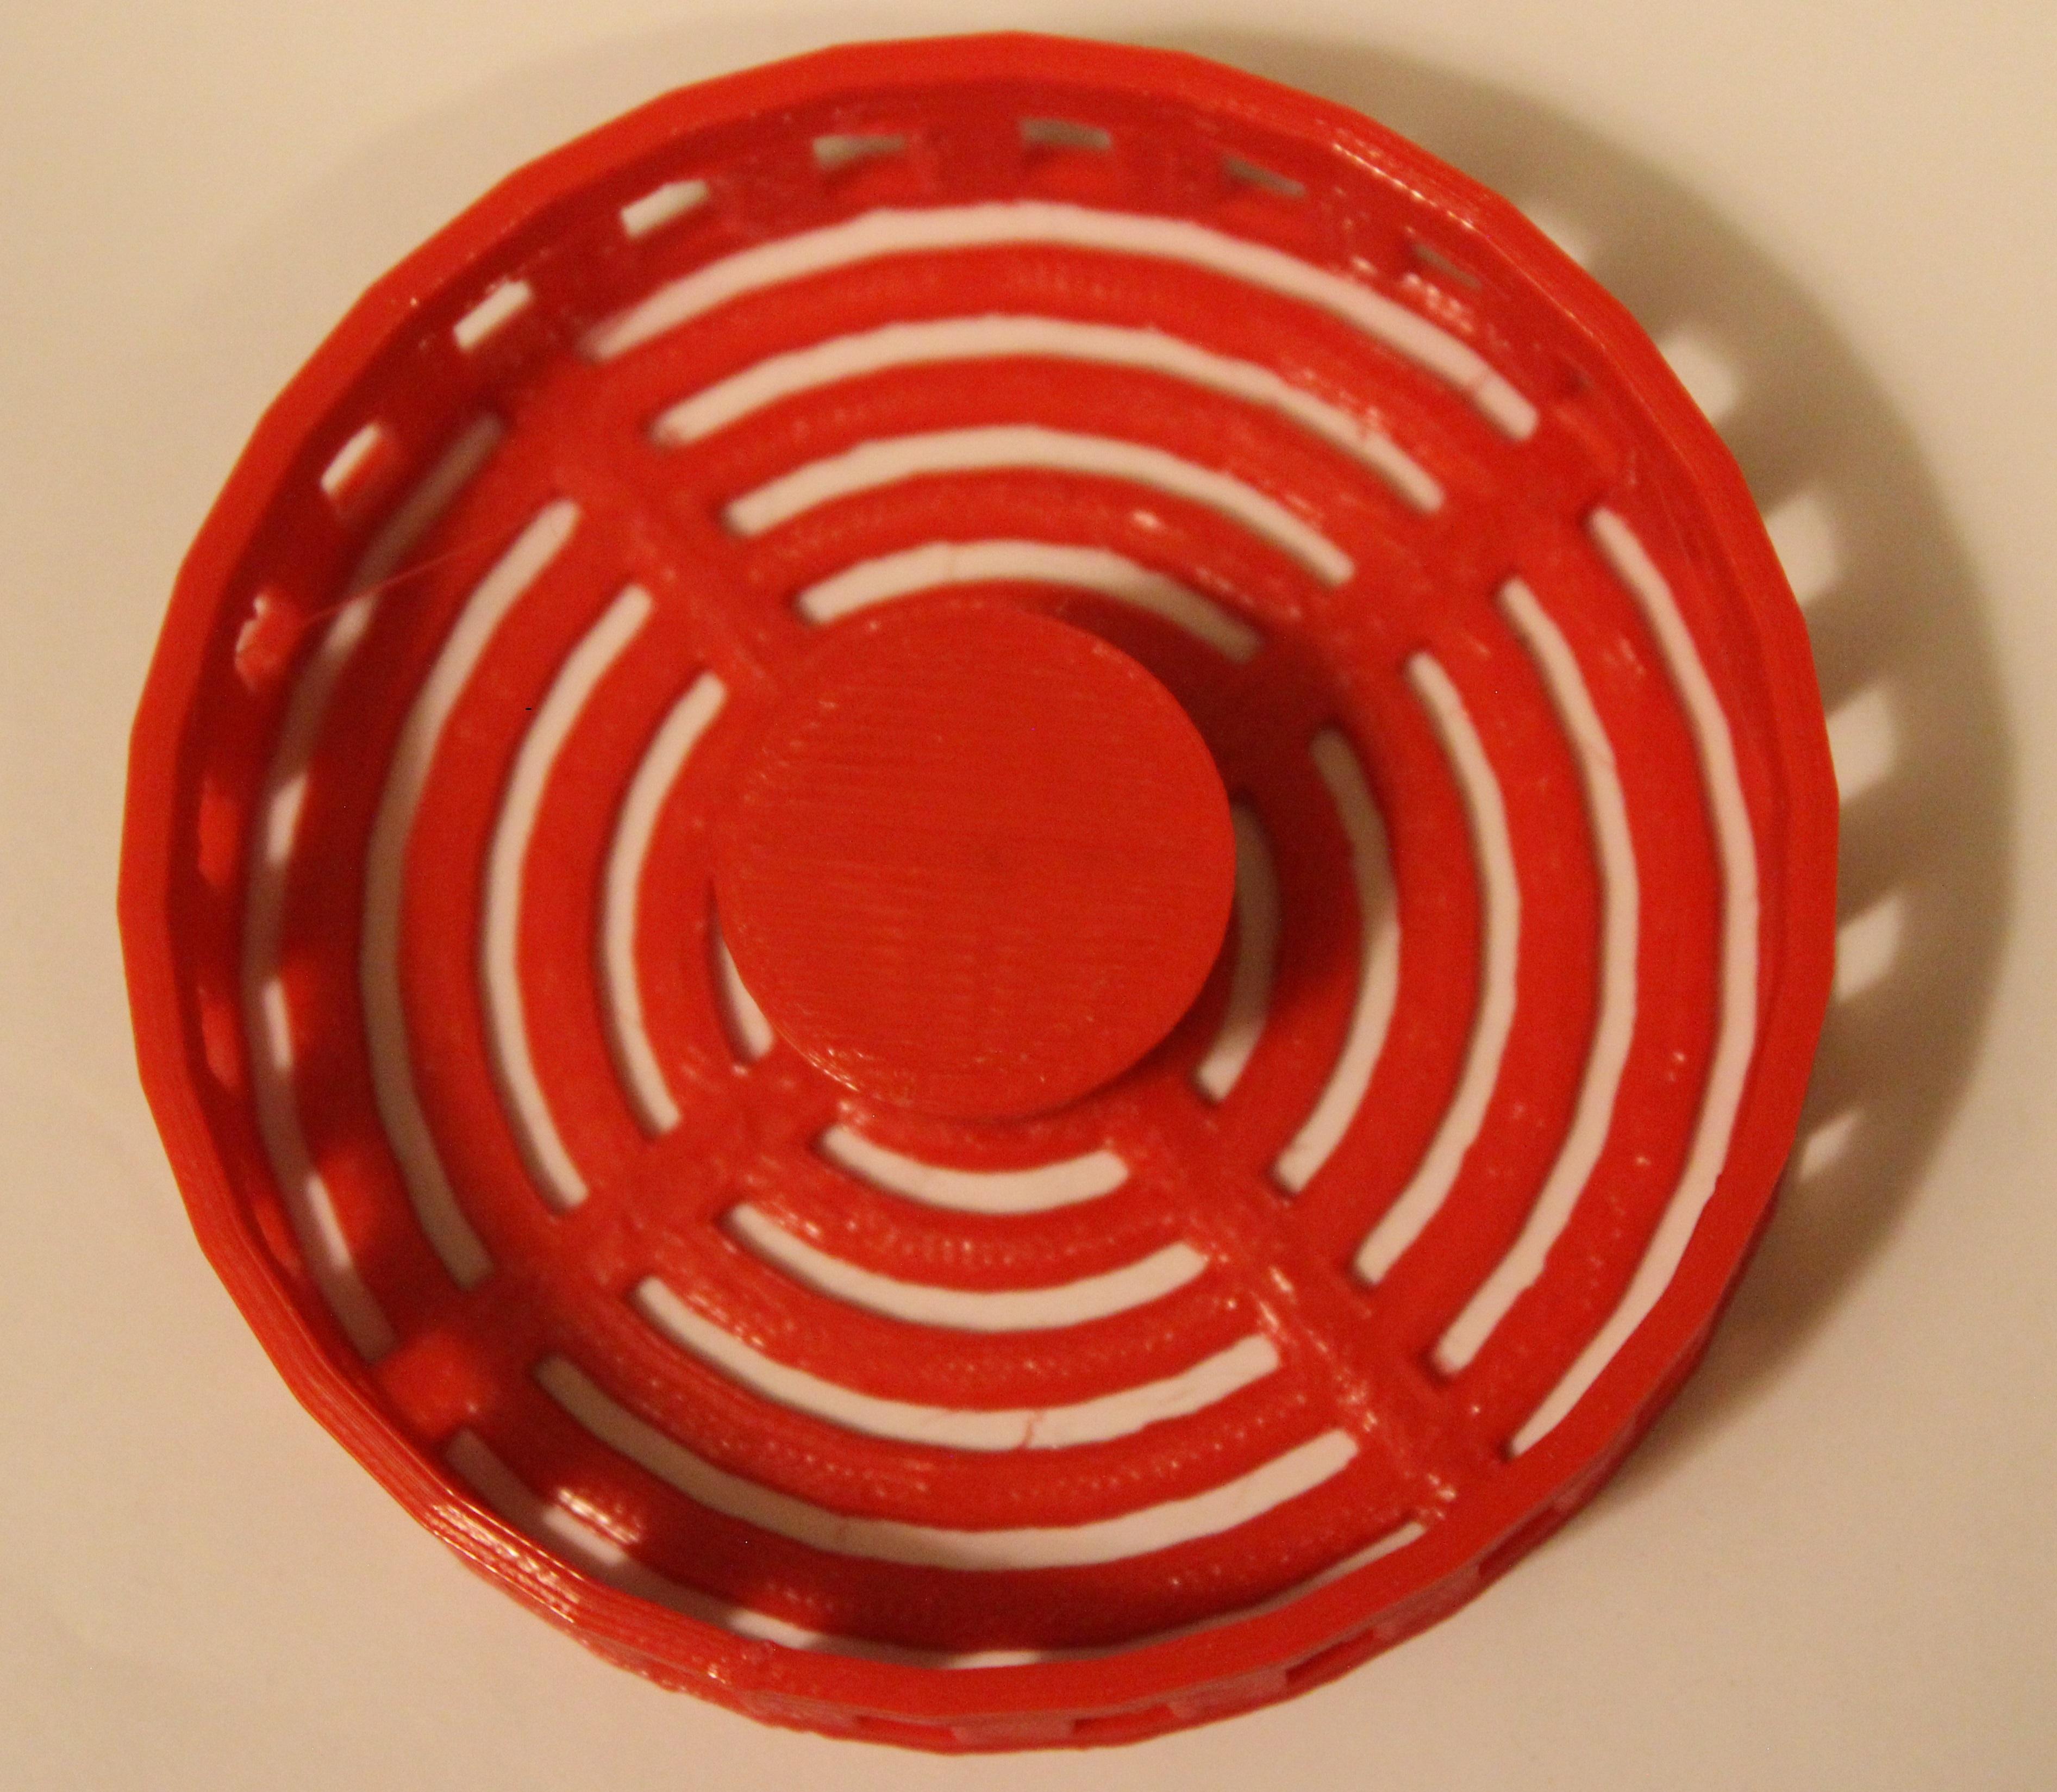 red sink strainer